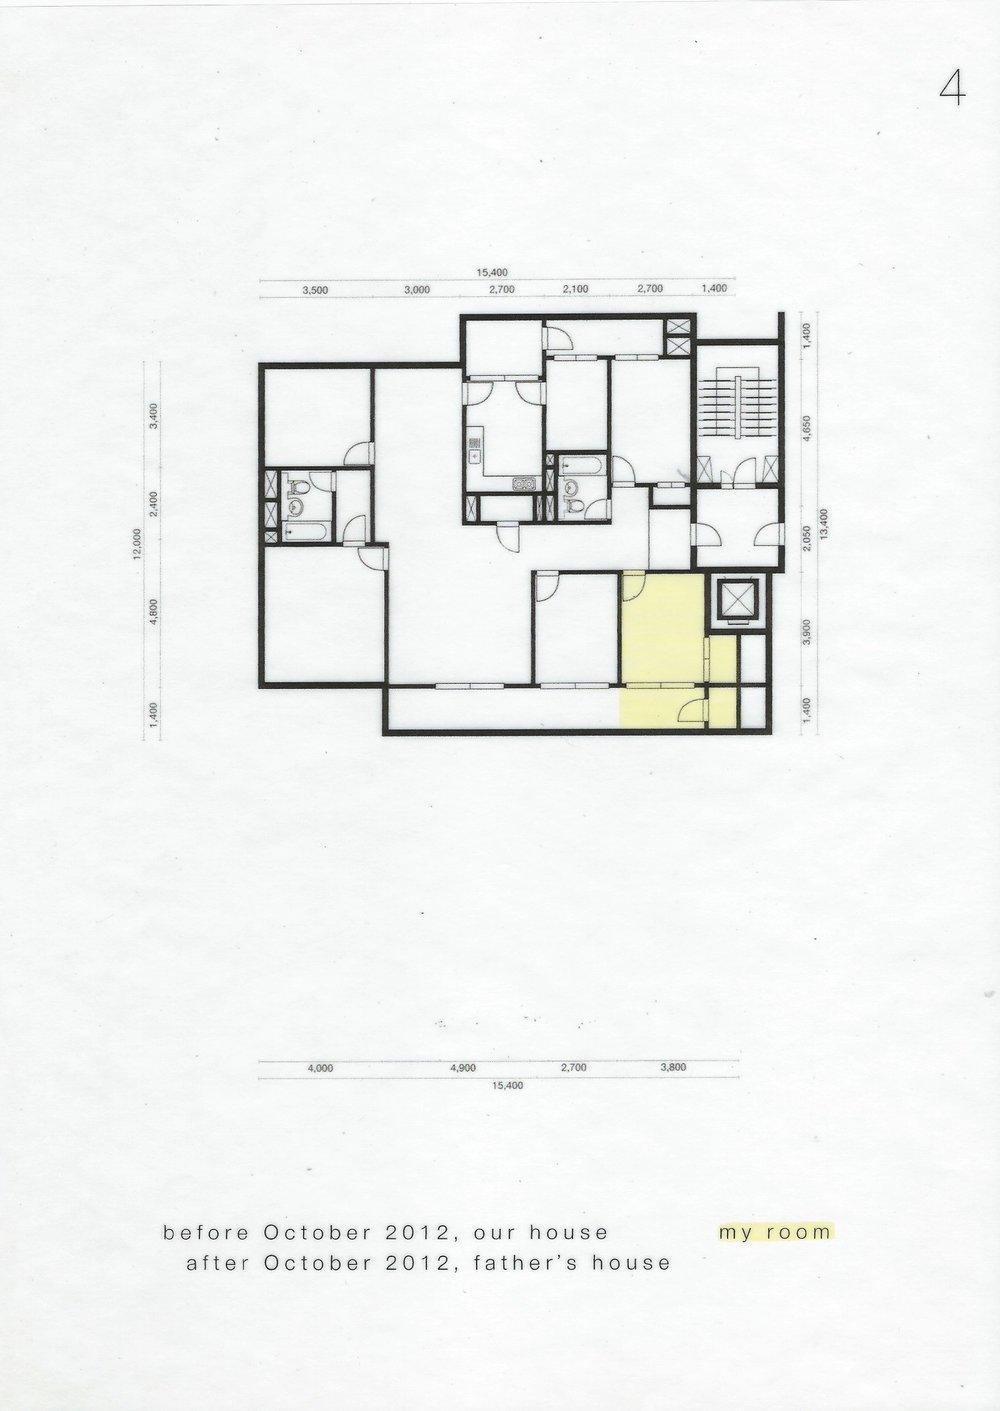 트레싱지, 스캔-1 copy.jpg